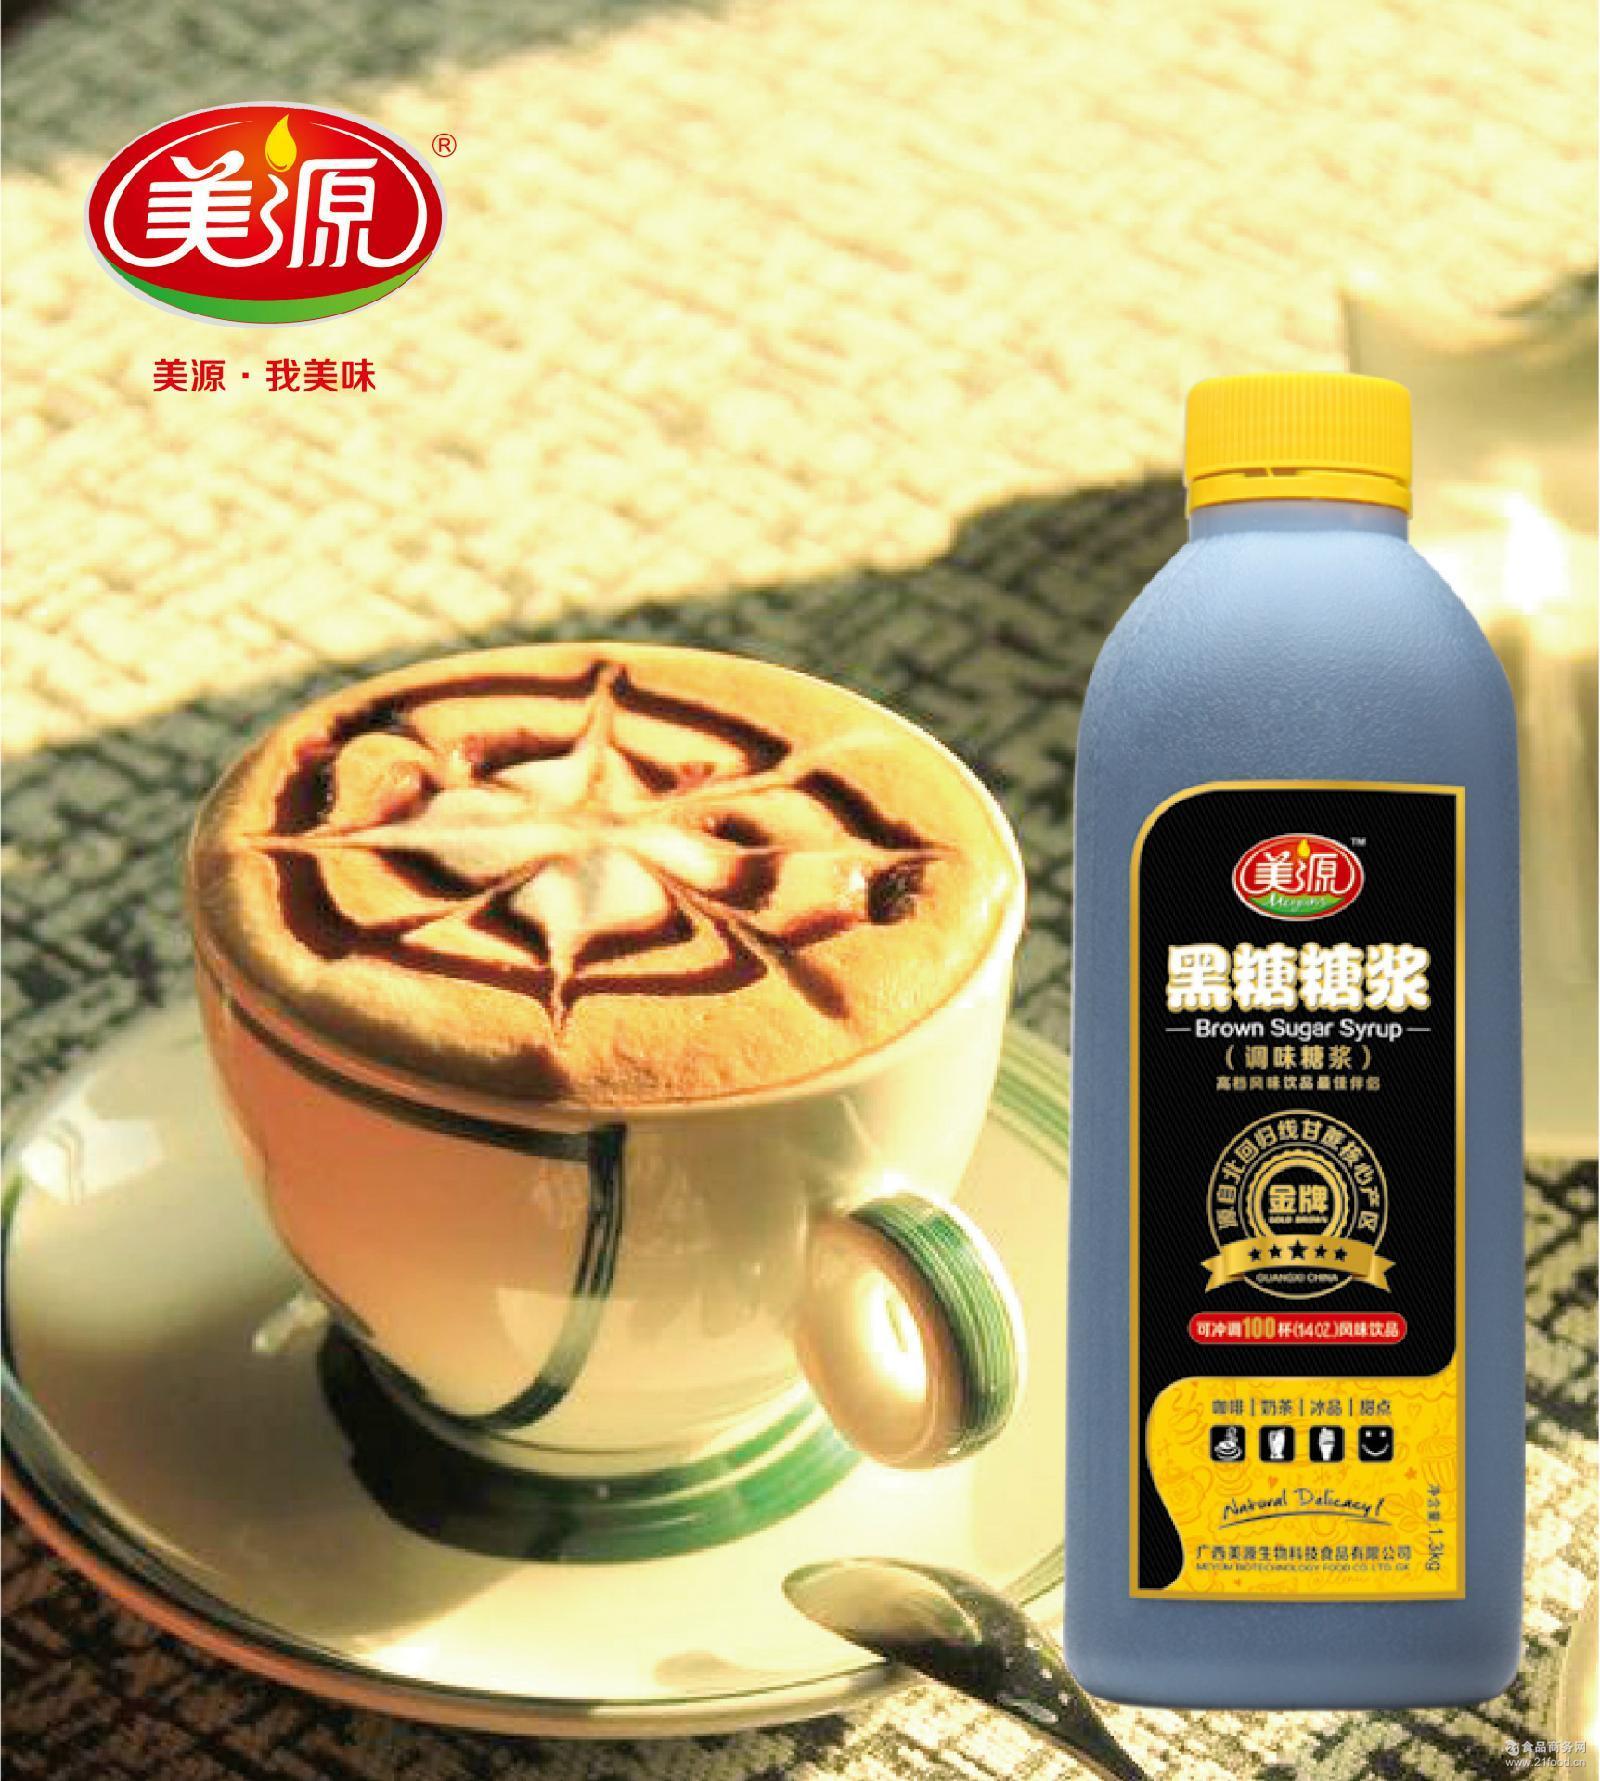 美源厂家直销液态黑糖糖浆奶茶烘焙咖啡果汁饮料调味品